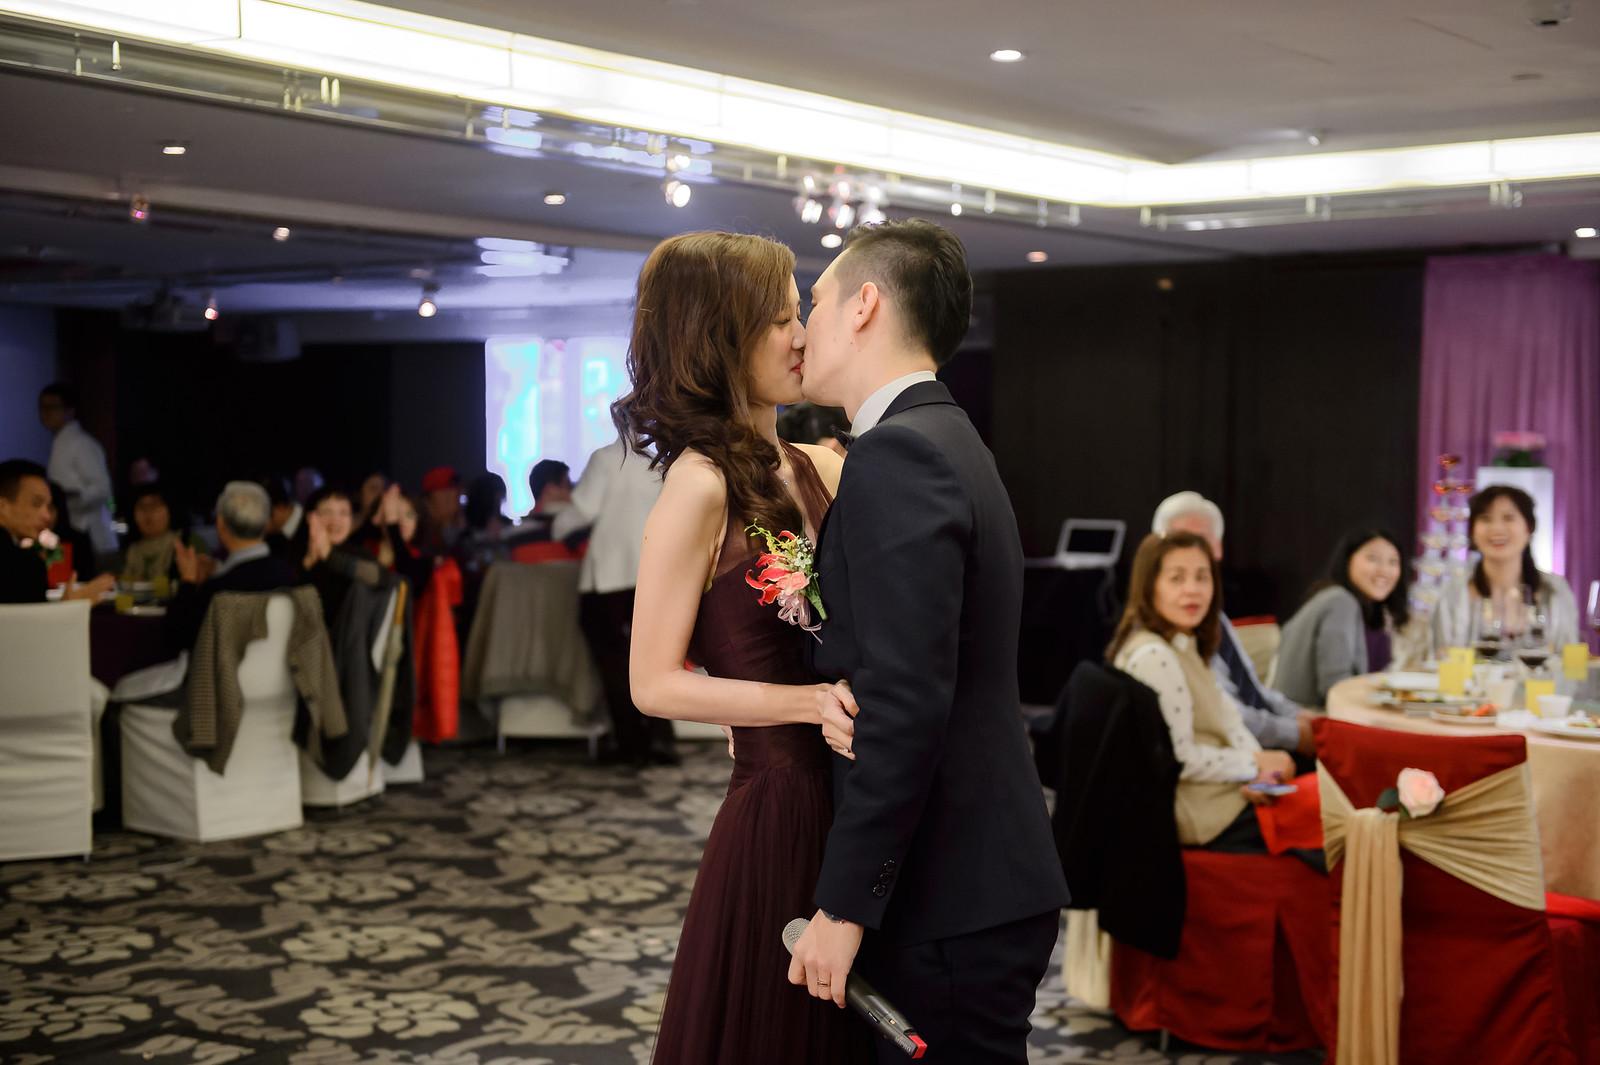 台北婚攝, 婚禮攝影, 婚攝, 婚攝守恆, 婚攝推薦, 晶華酒店, 晶華酒店婚宴, 晶華酒店婚攝-94